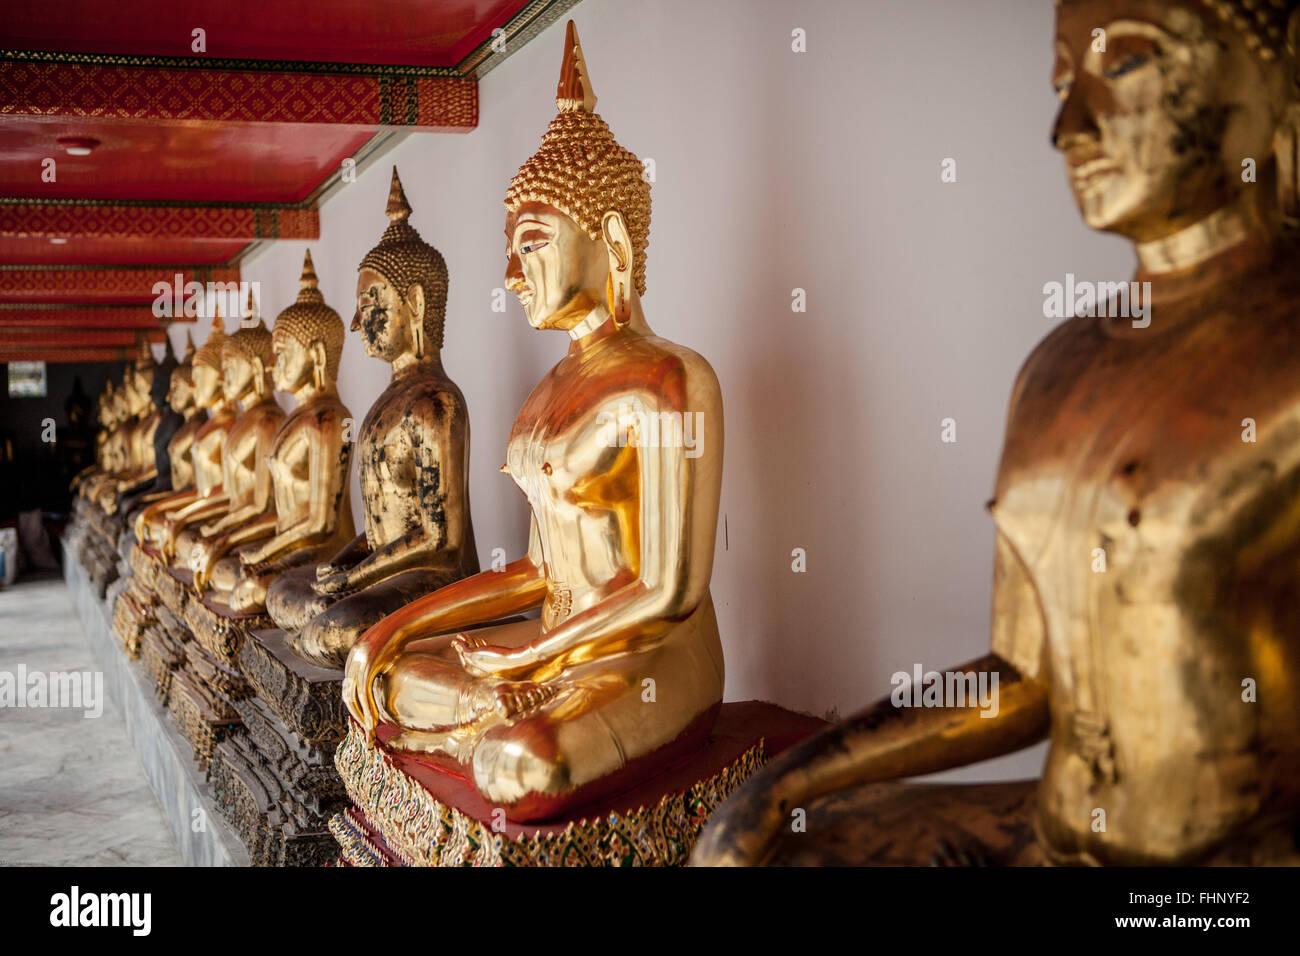 Une rangée de statues de Bouddha Doré assis, à Wat Pho, un célèbre temple à Bangkok, Thaïlande Banque D'Images